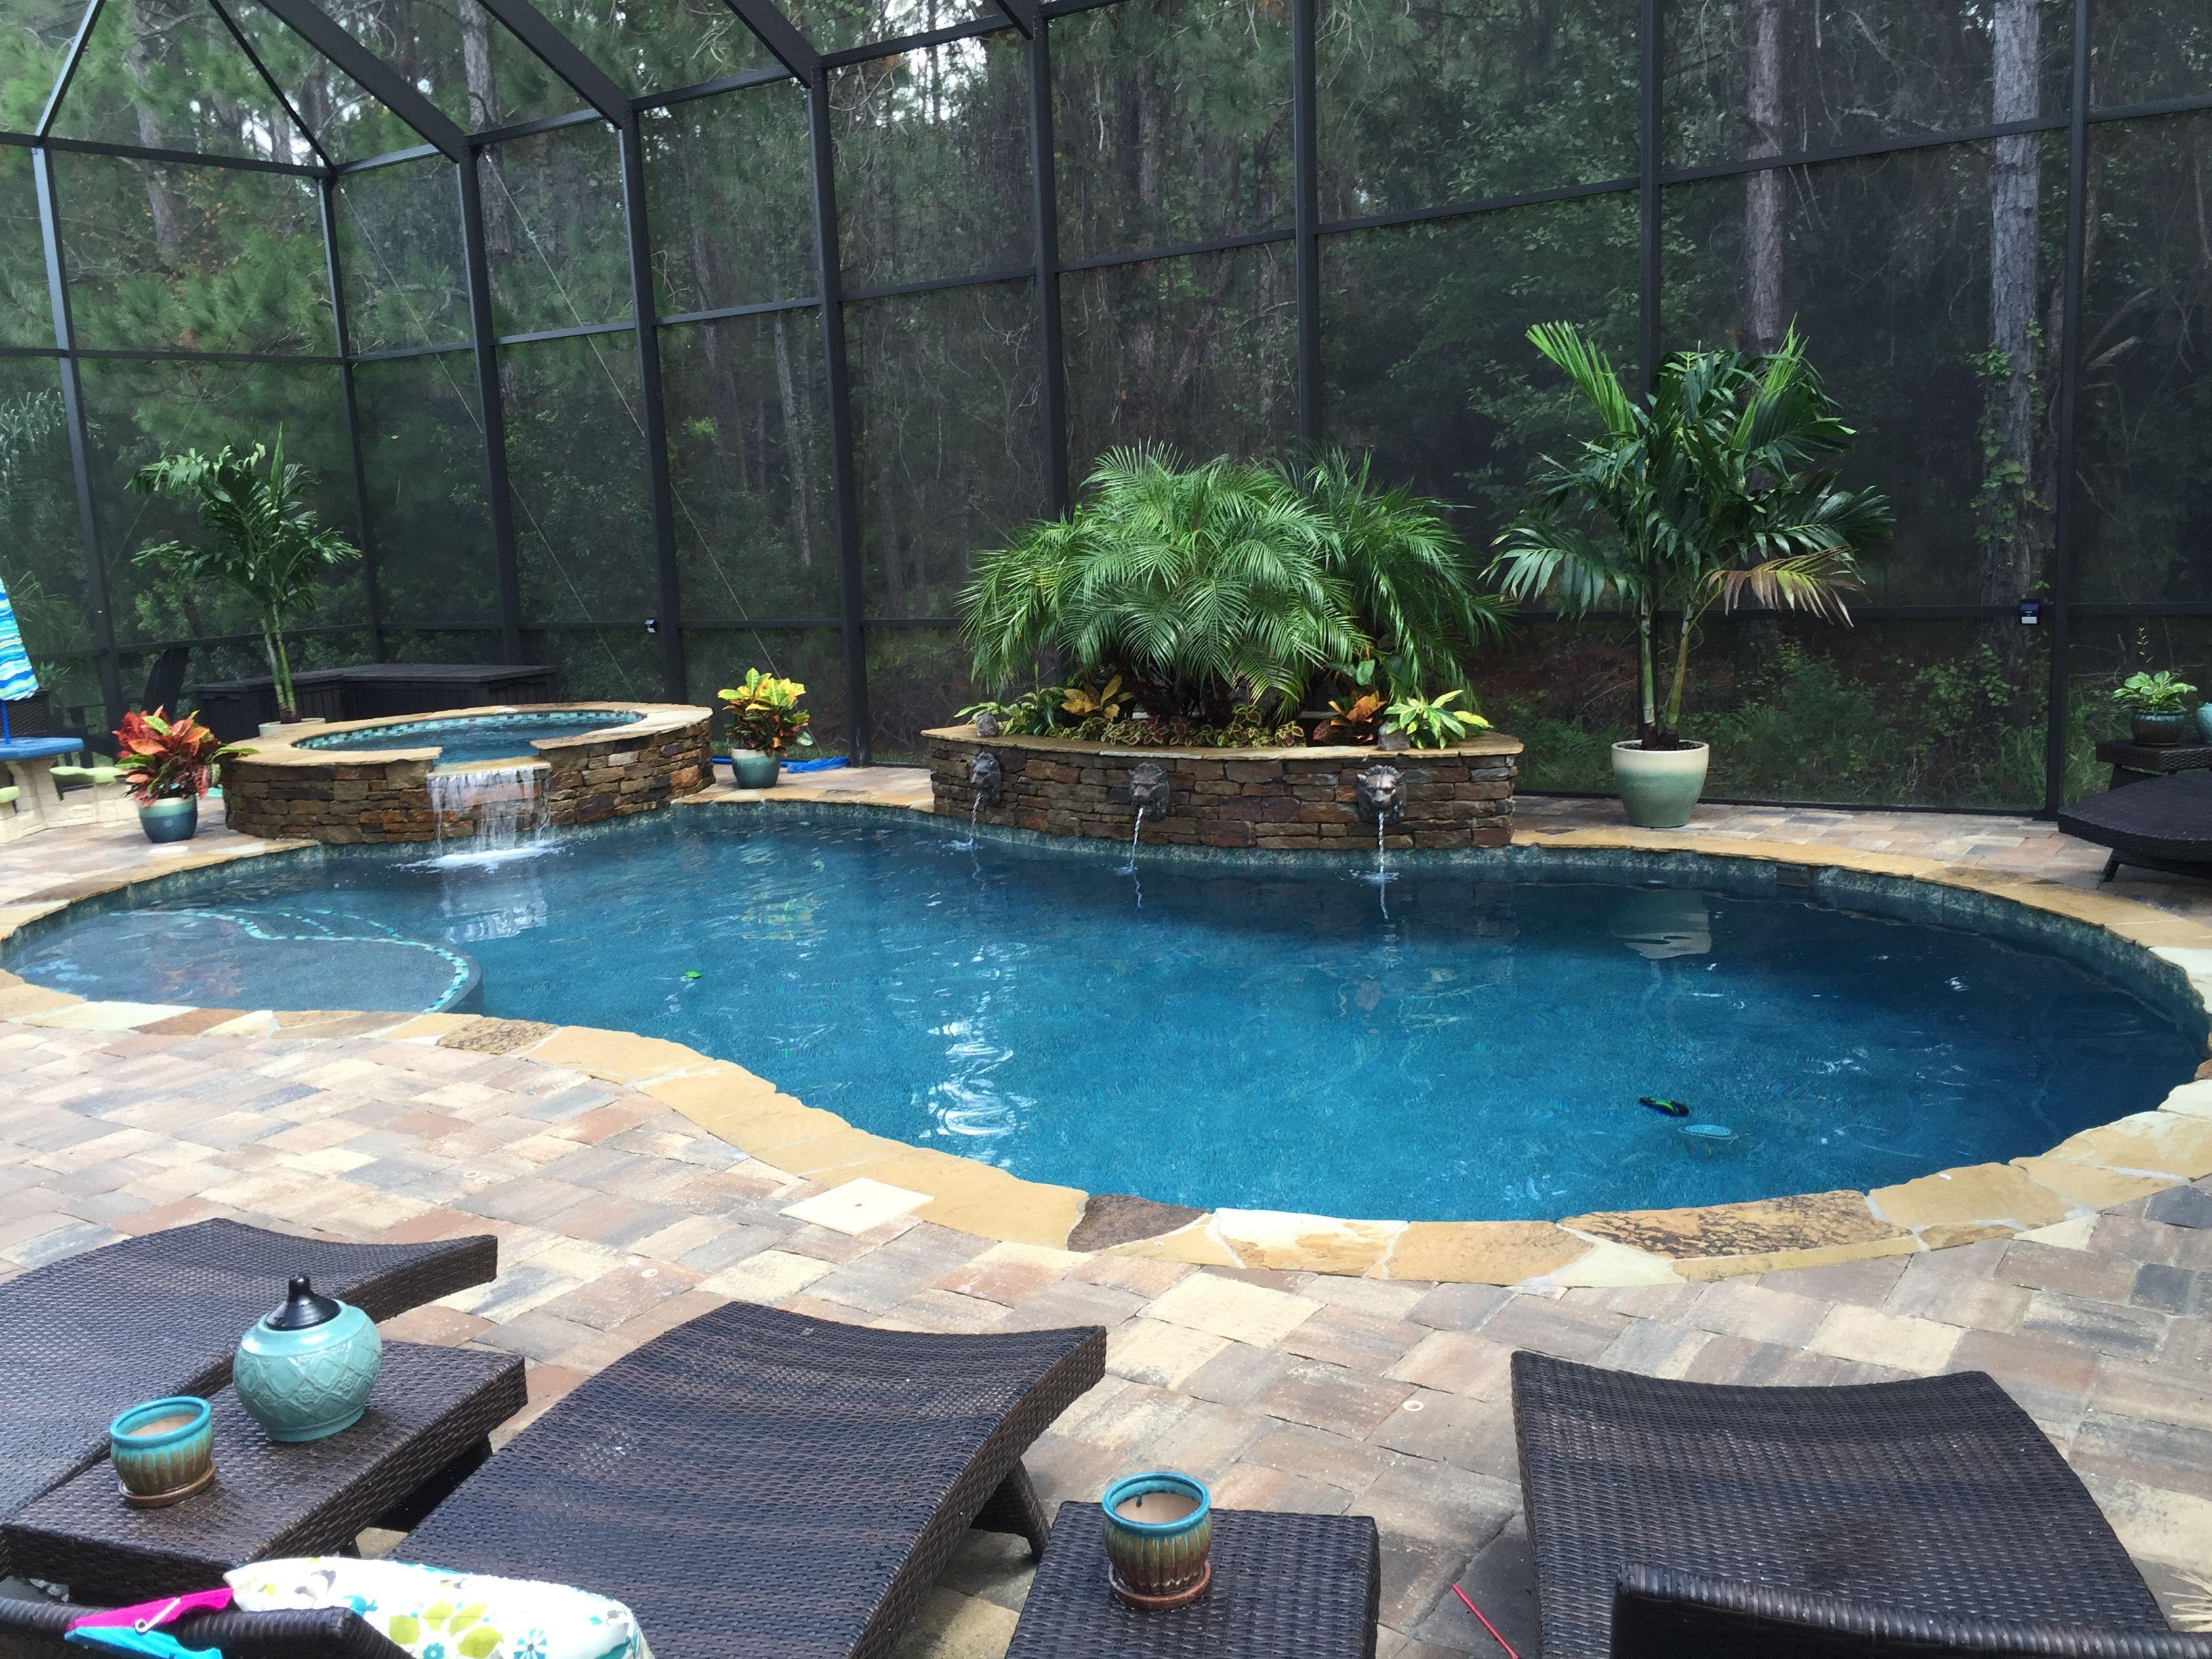 Custom Pool Spa Screen Enclosure By Poolside Designs Pool